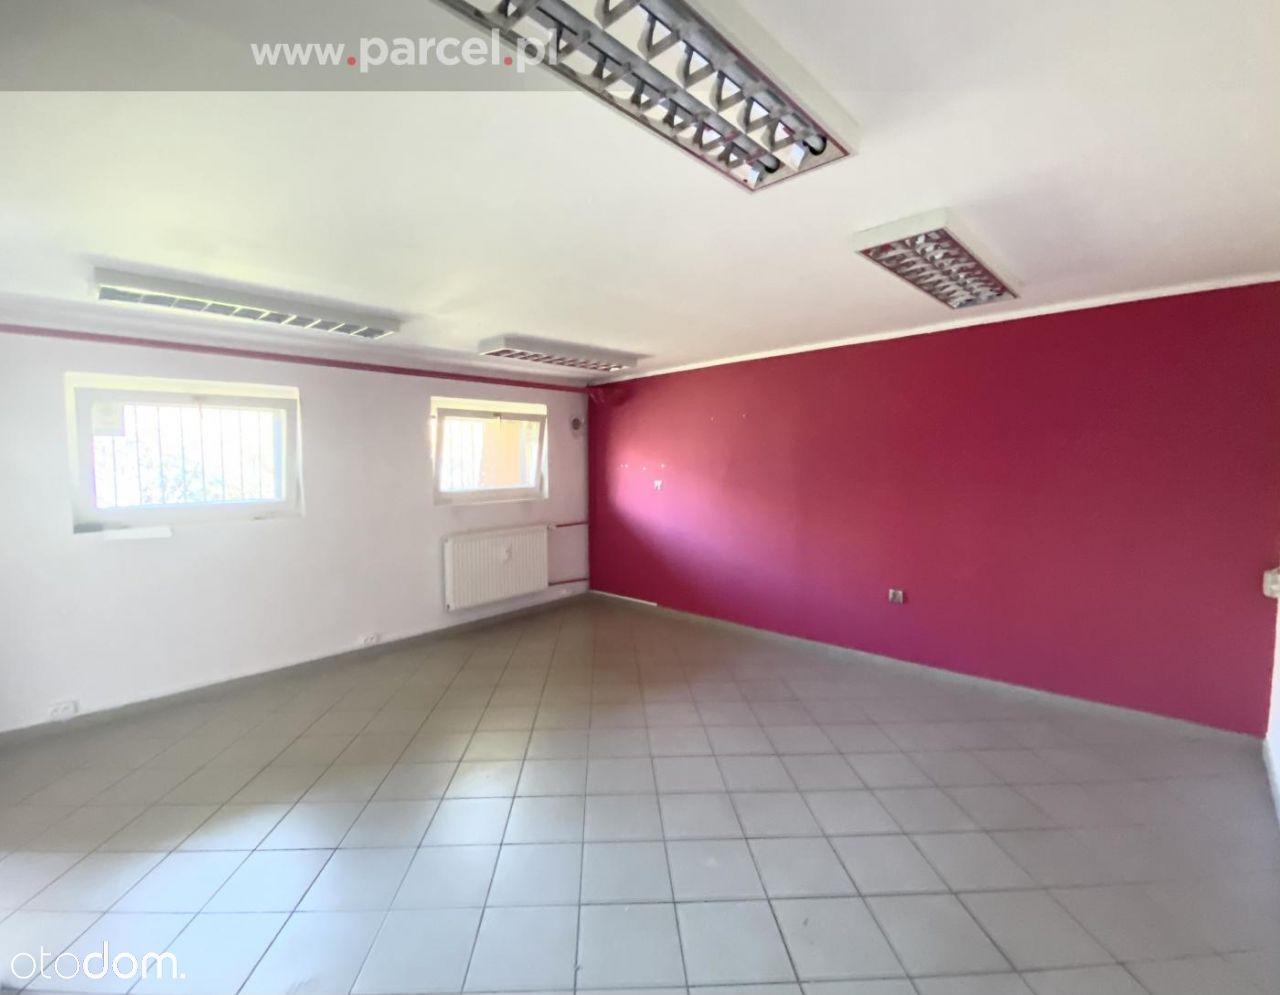 Lokal użytkowy, 31 m², Swarzędz